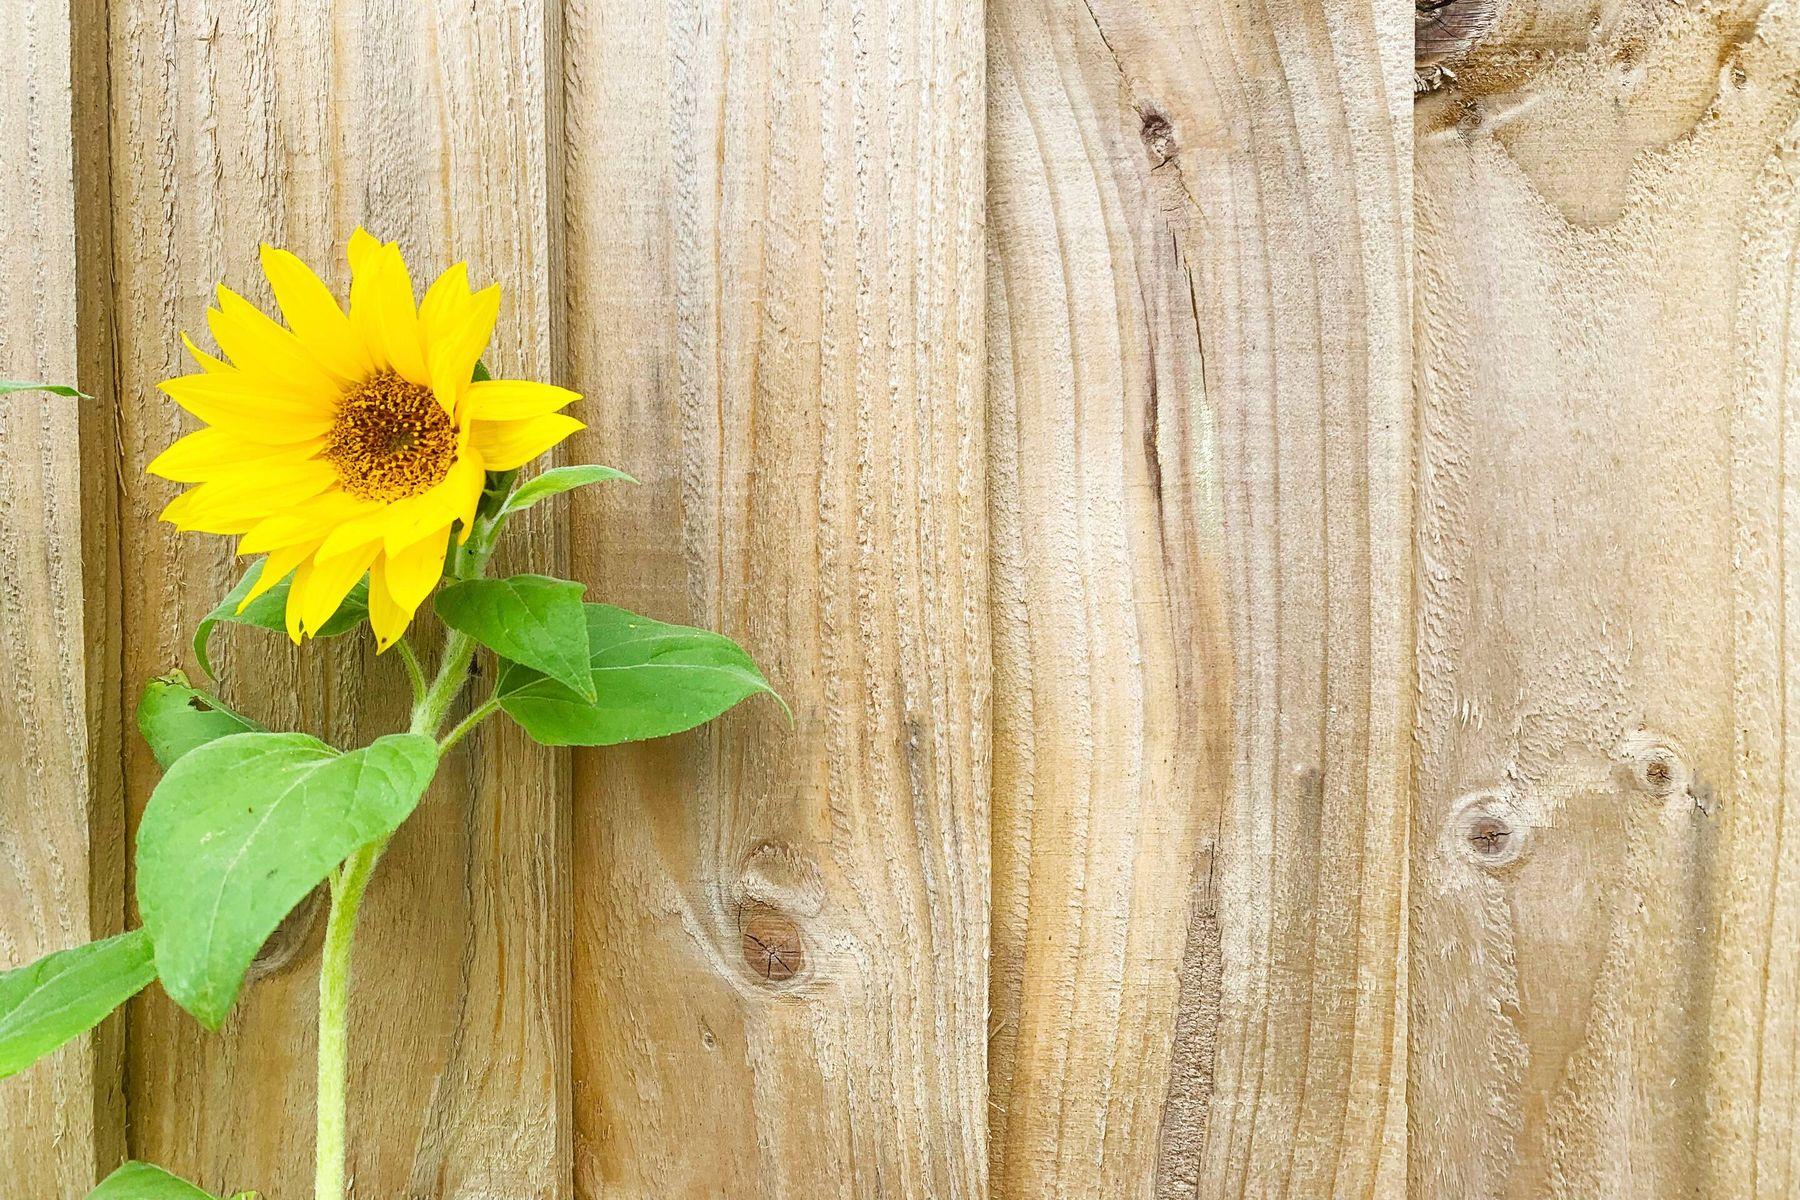 chọn hoa cẩn thận để hoa luôn tươi